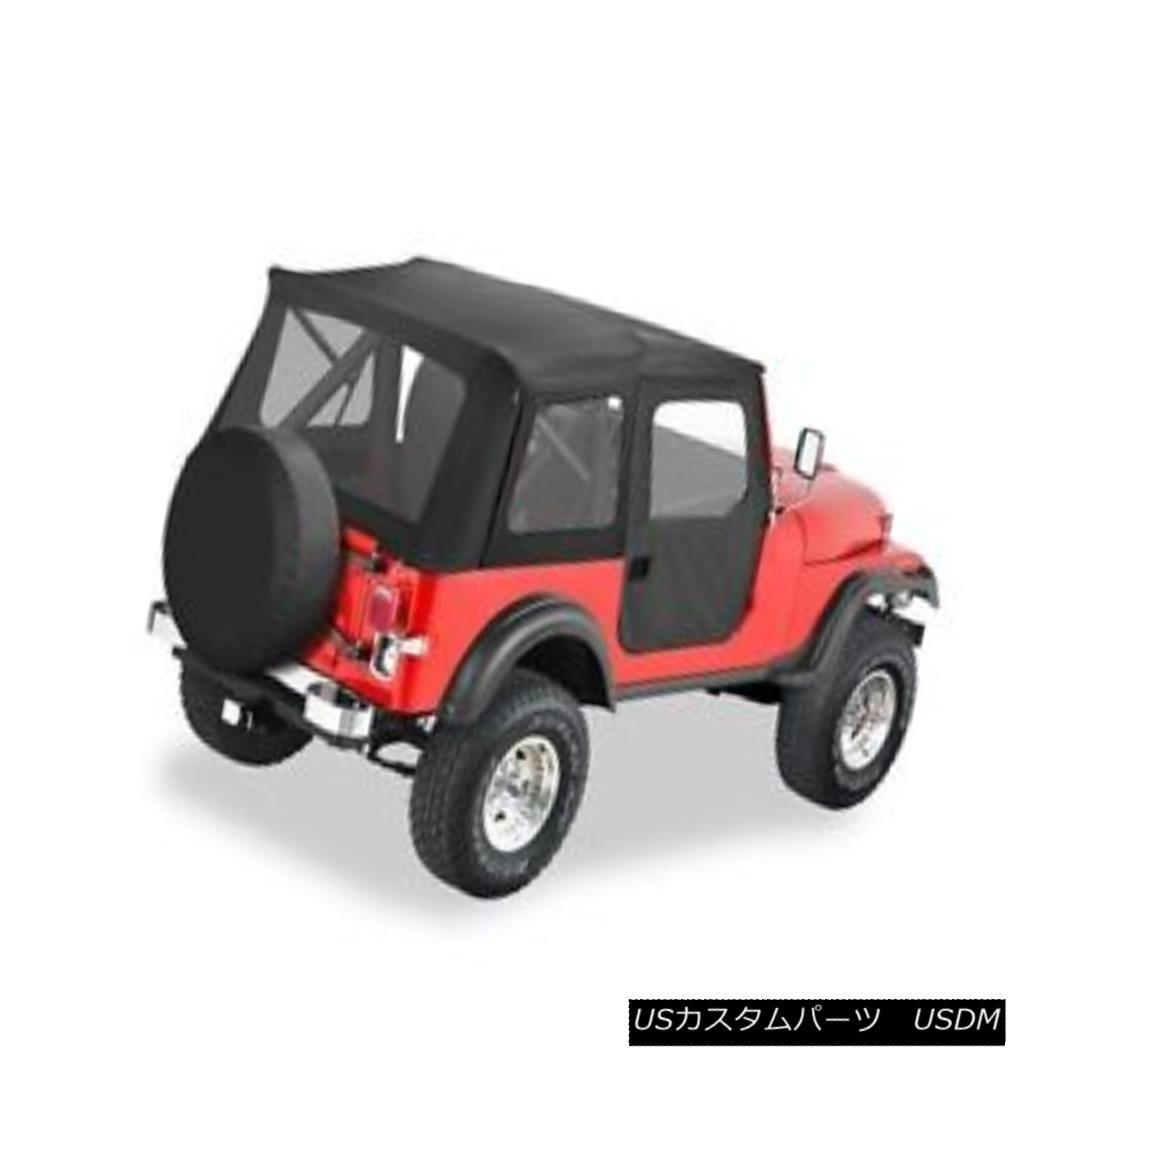 幌・ソフトトップ Bestop Supertop Classic Replacement Soft Top 55-75 CJ-5 & 51-62 M-38 #51595-01 Bestop Supertopクラシック交換用ソフトトップ55-75 CJ-5& 51-62 M-38#51595-01